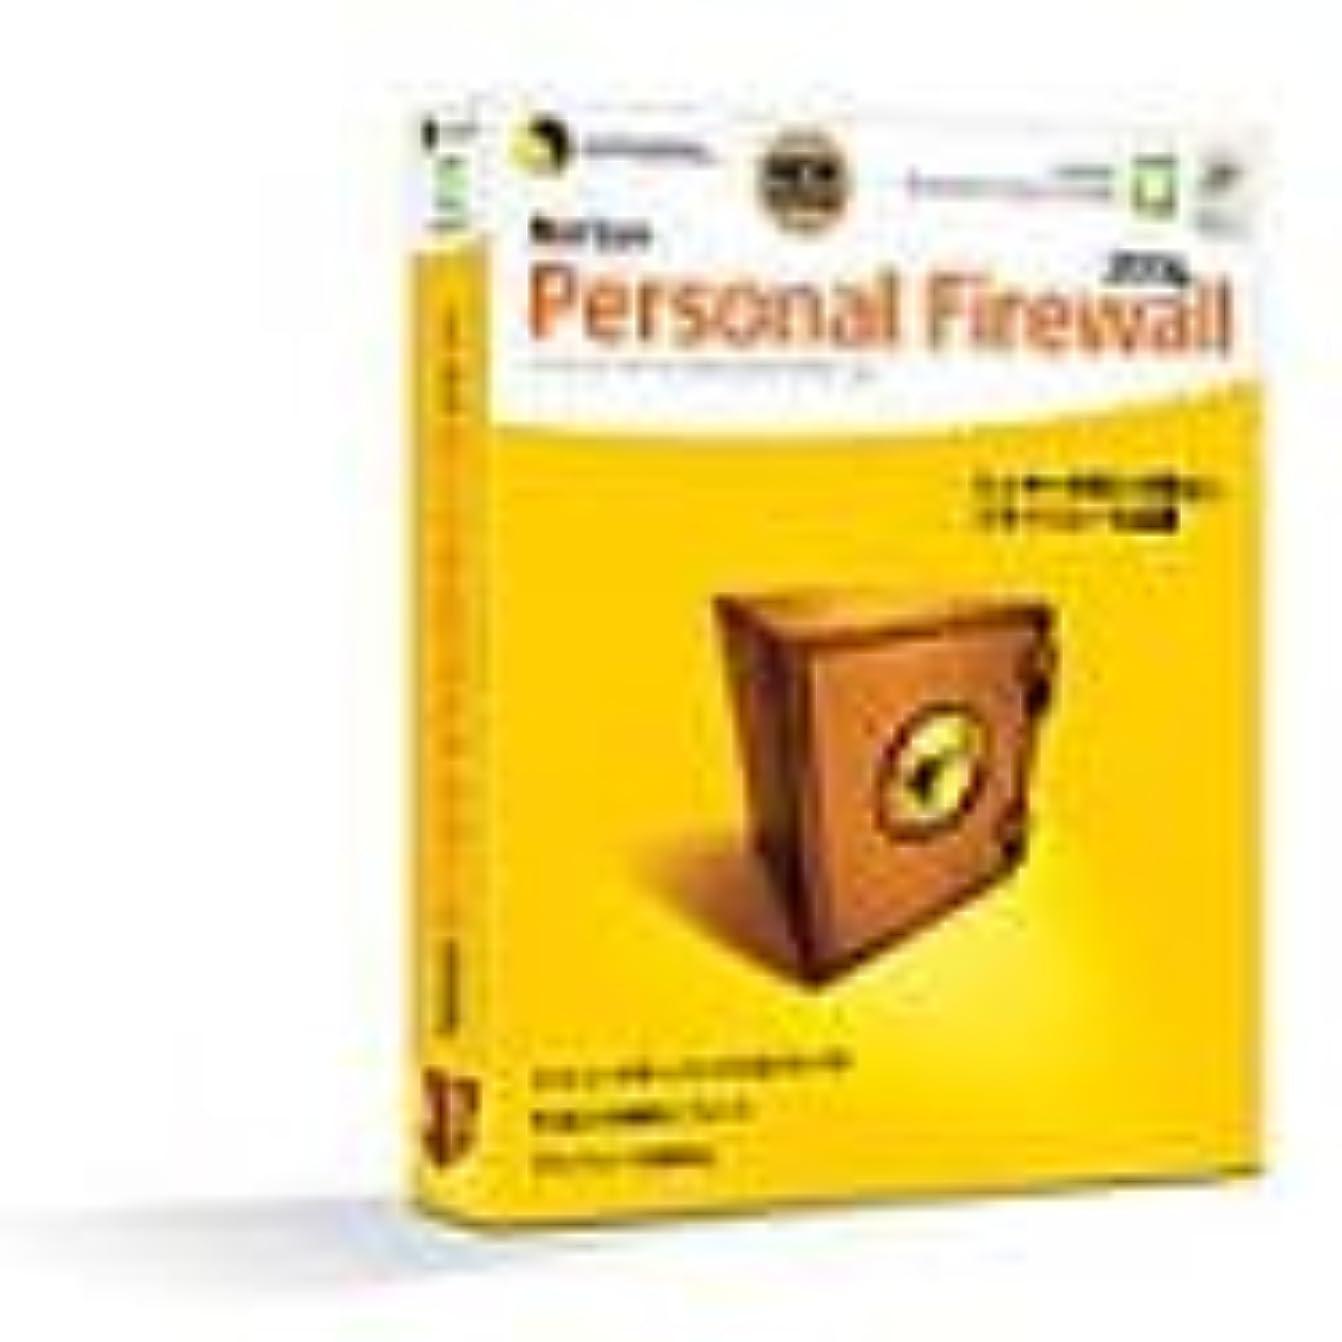 モニカバターやさしい【旧商品】Norton Personal Firewall 2004